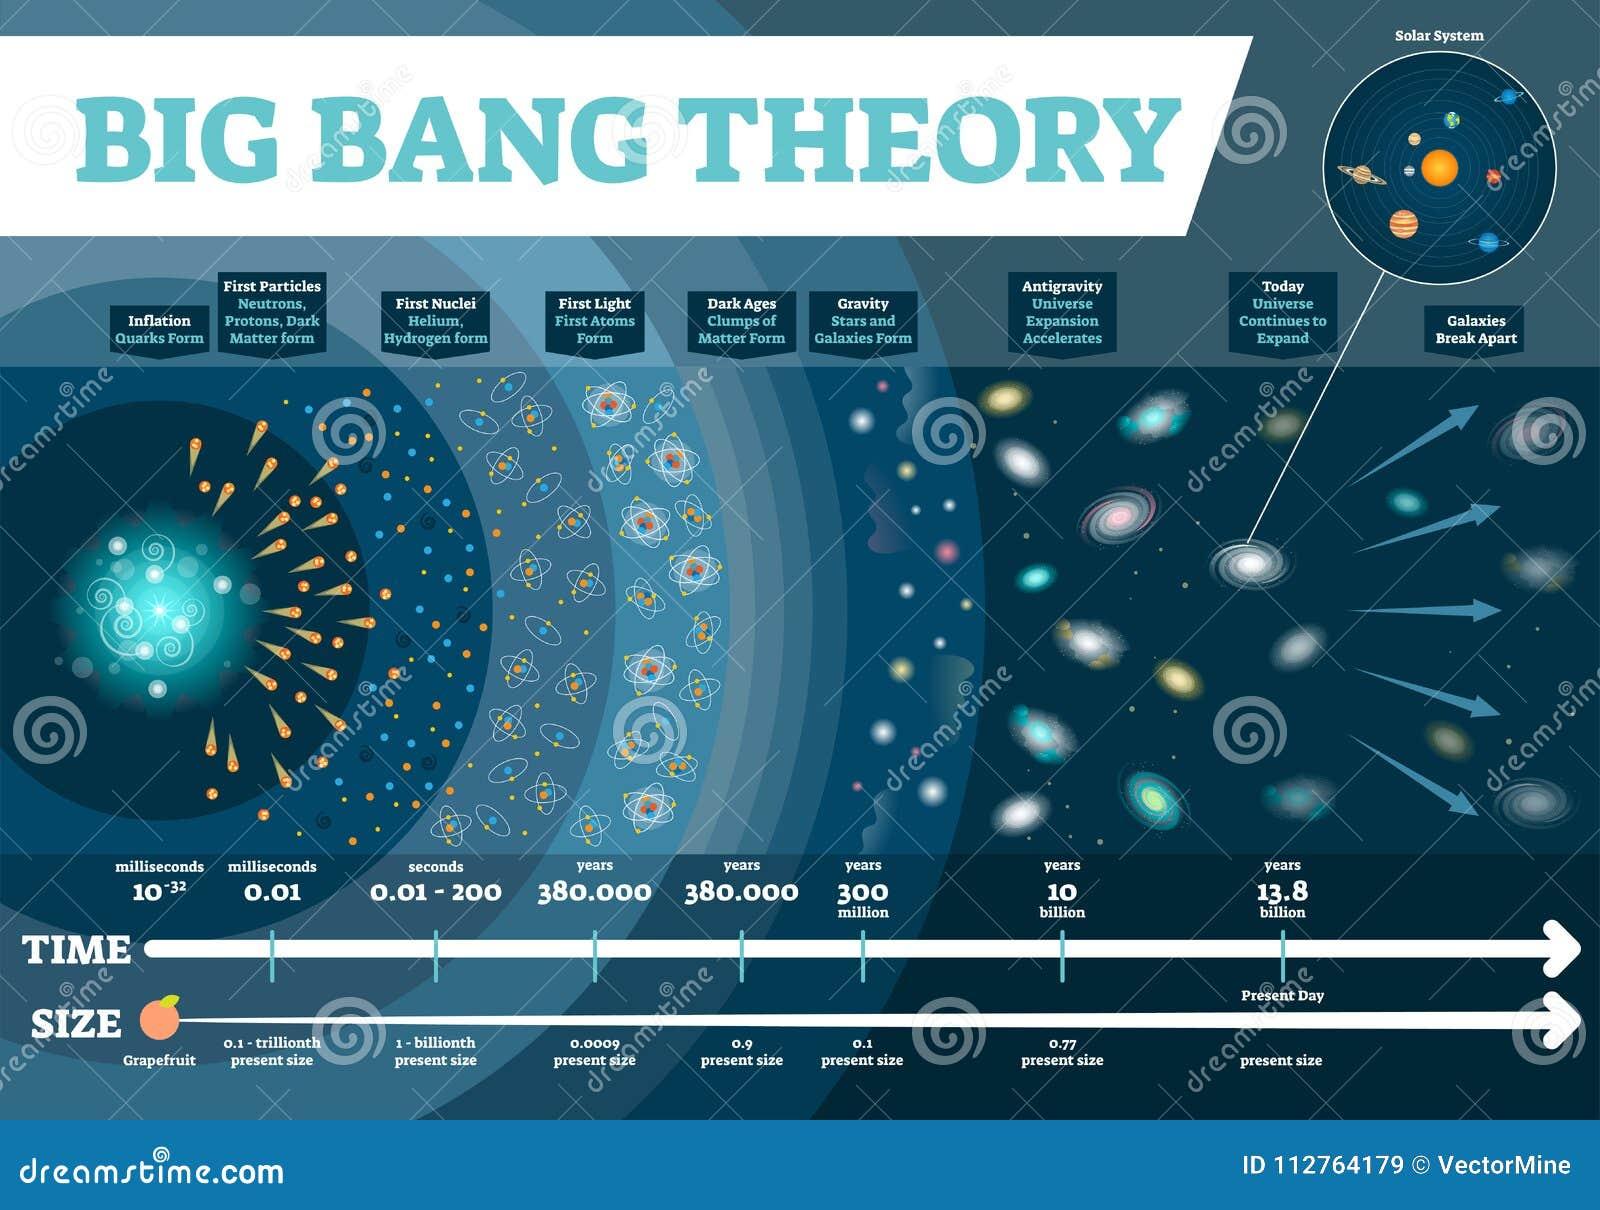 Διανυσματική απεικόνιση θεωρίας του Μπιγκ Μπανγκ infographic Διάγραμμα κλίμακας χρόνου και μεγέθους κόσμου με τα στάδια ανάπτυξης